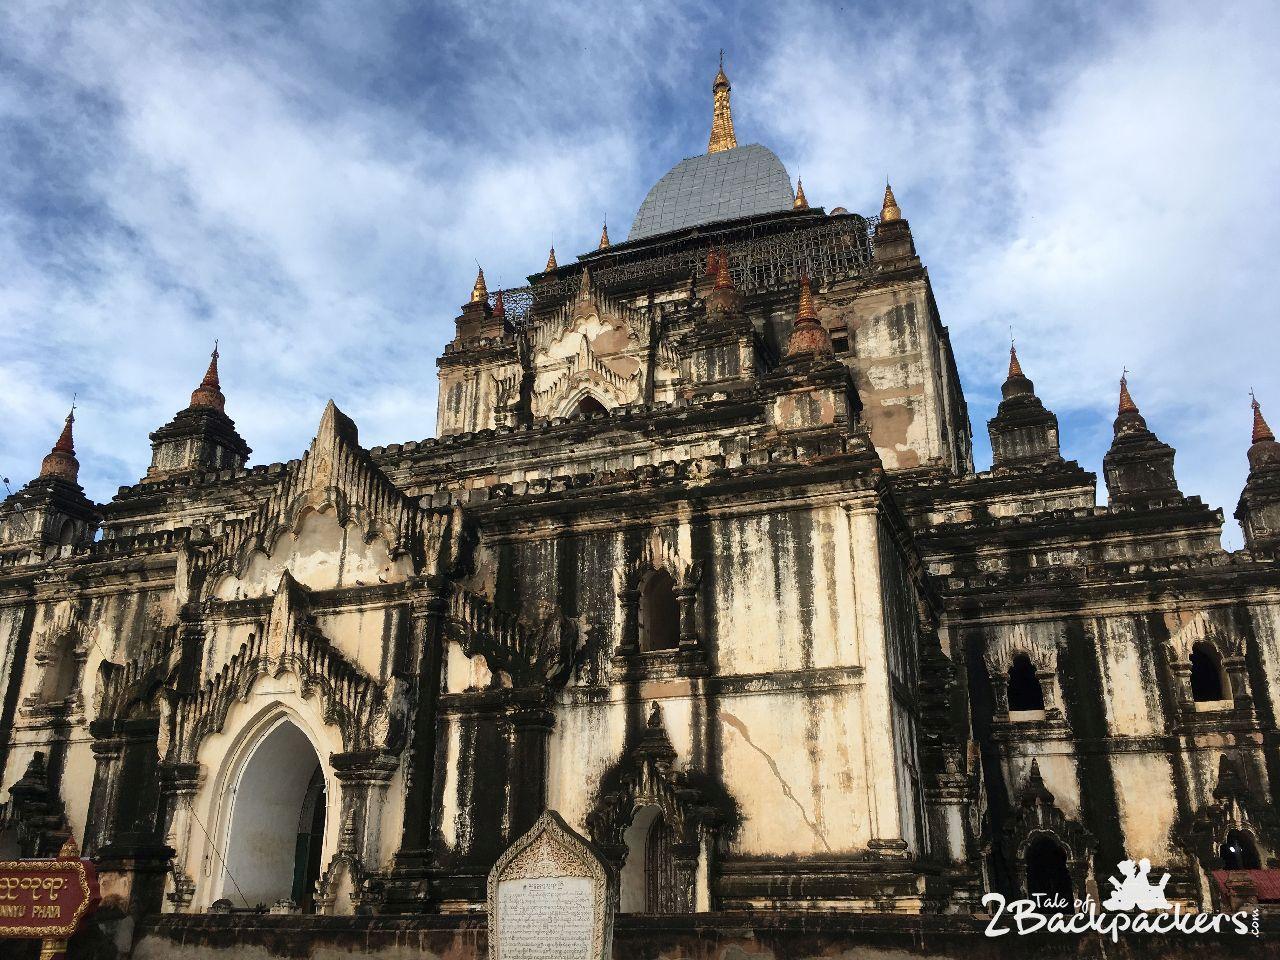 Thatbyinnyu Temple_Bagan_Myanmar